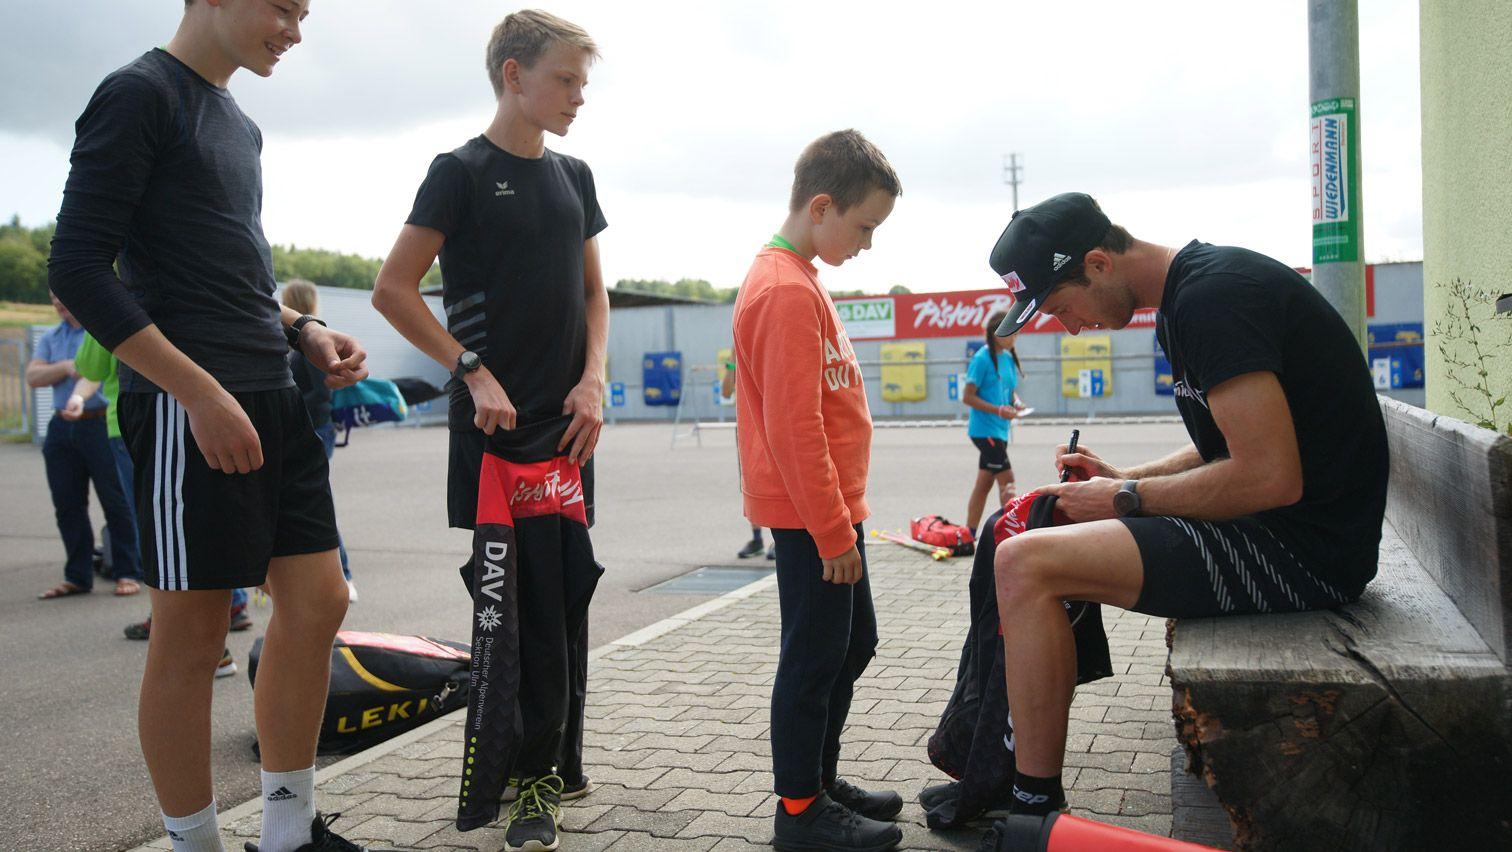 Schlange stehen bei der Autogrammstunde mit Profisportler Florian Notz